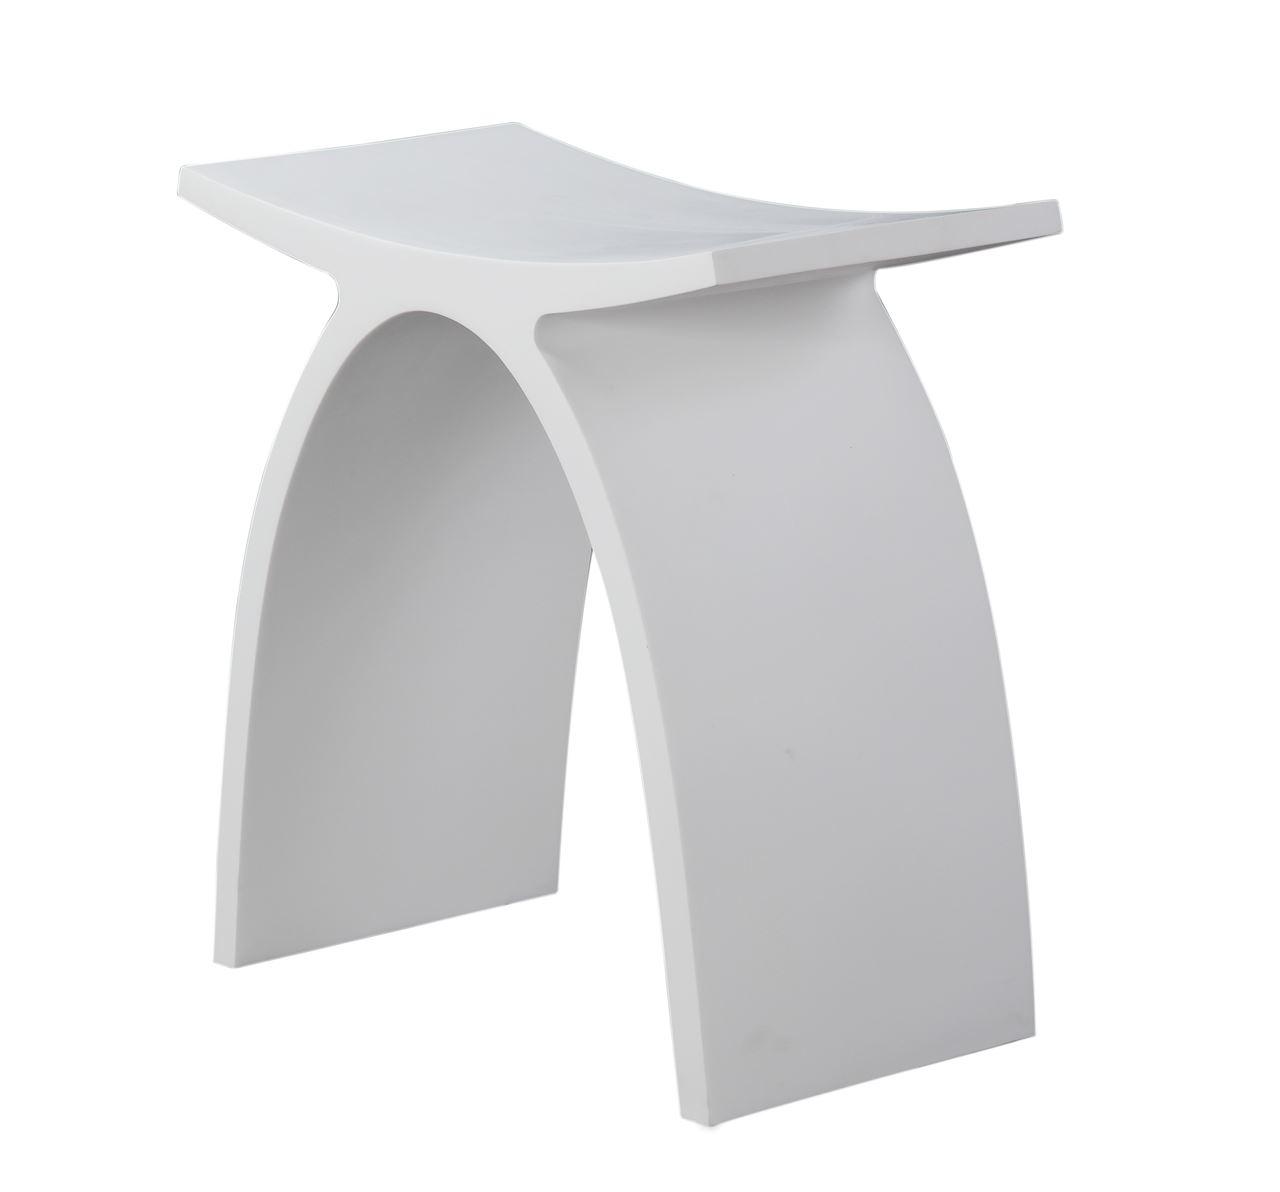 Luca Sanitair Vasca krukje 42x23x43h van solid surface mat wit